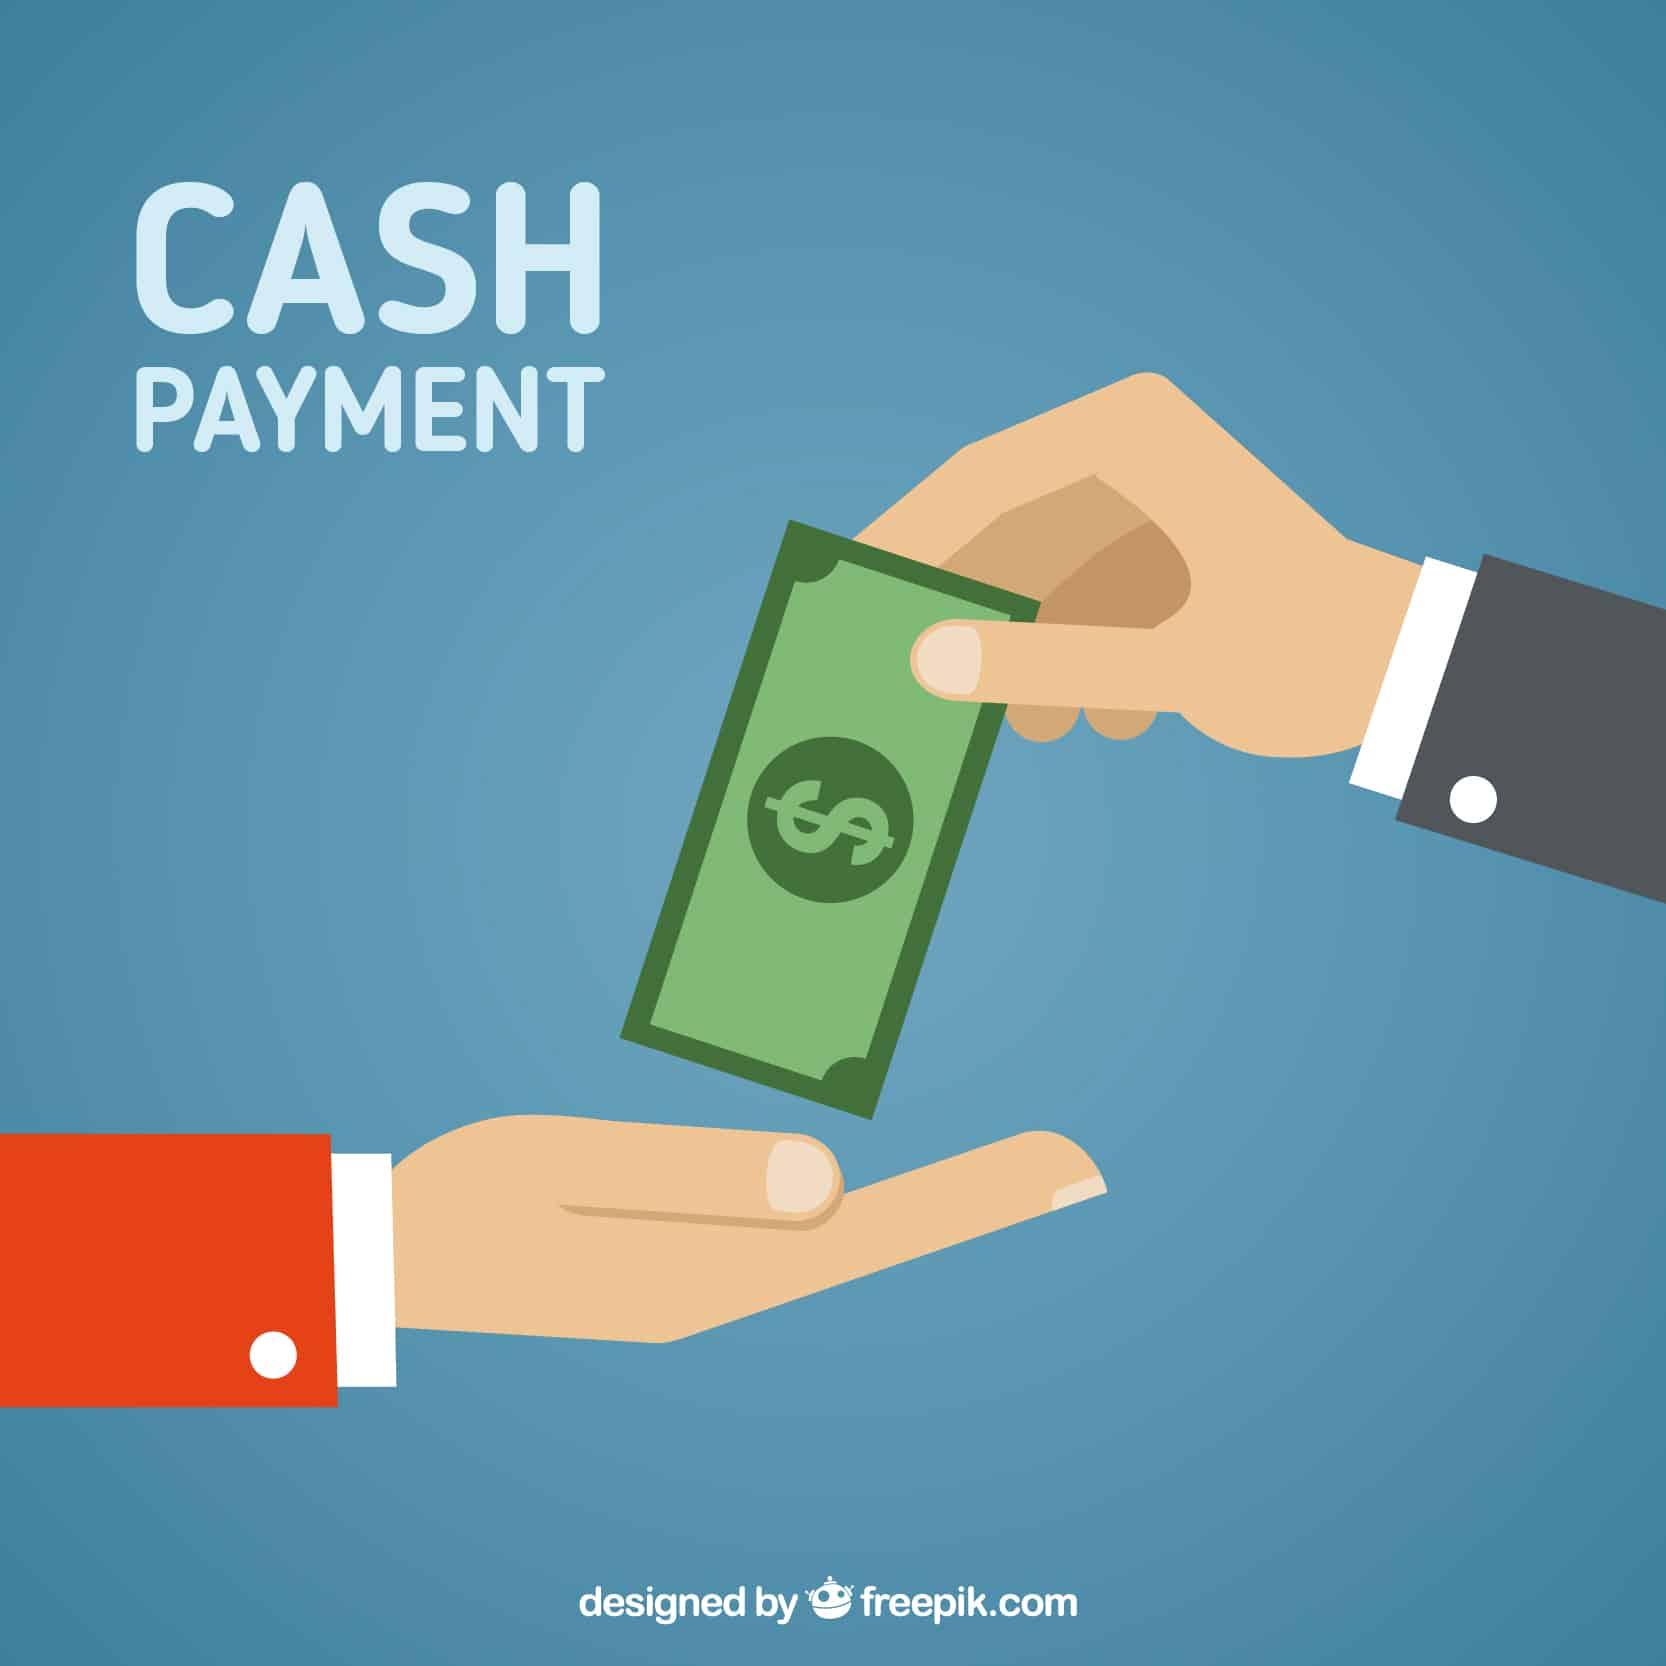 基隆借錢|找閃兌機車貸,用愛車幫自己周轉,免留車、利率1.8%起!